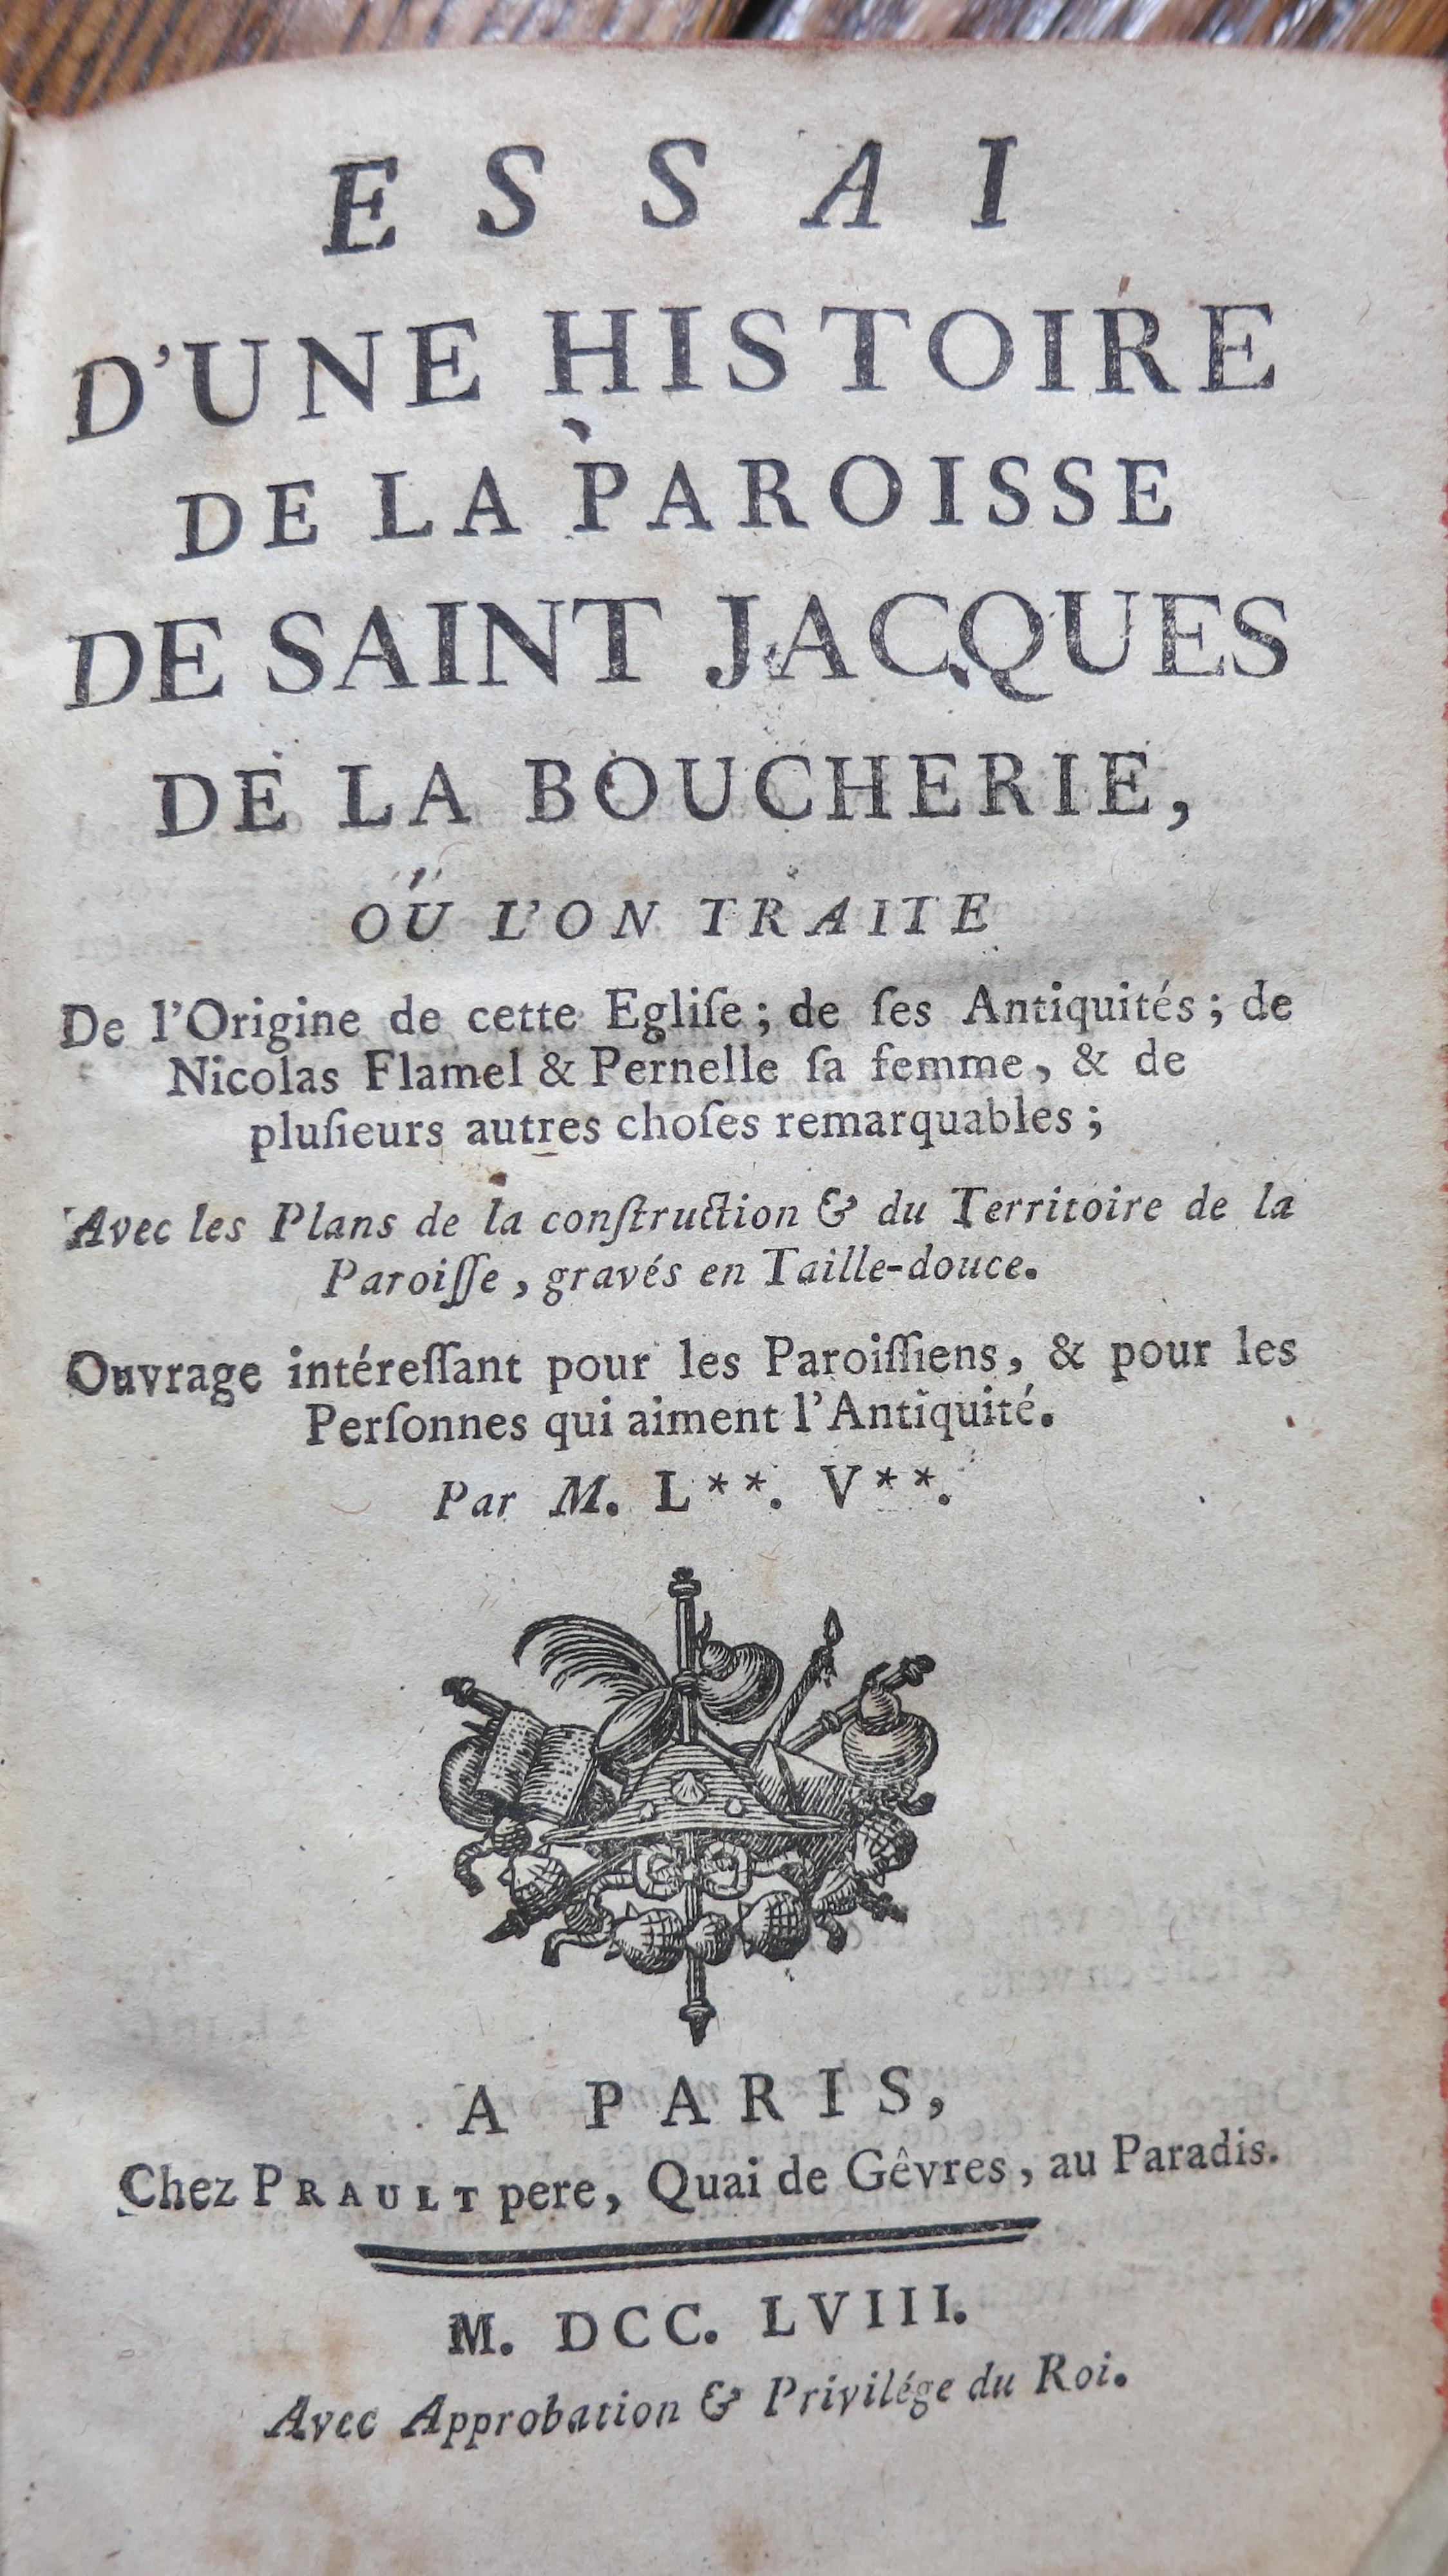 Essai d'une histoire de la paroisse de Saint Jacques de la Boucherie